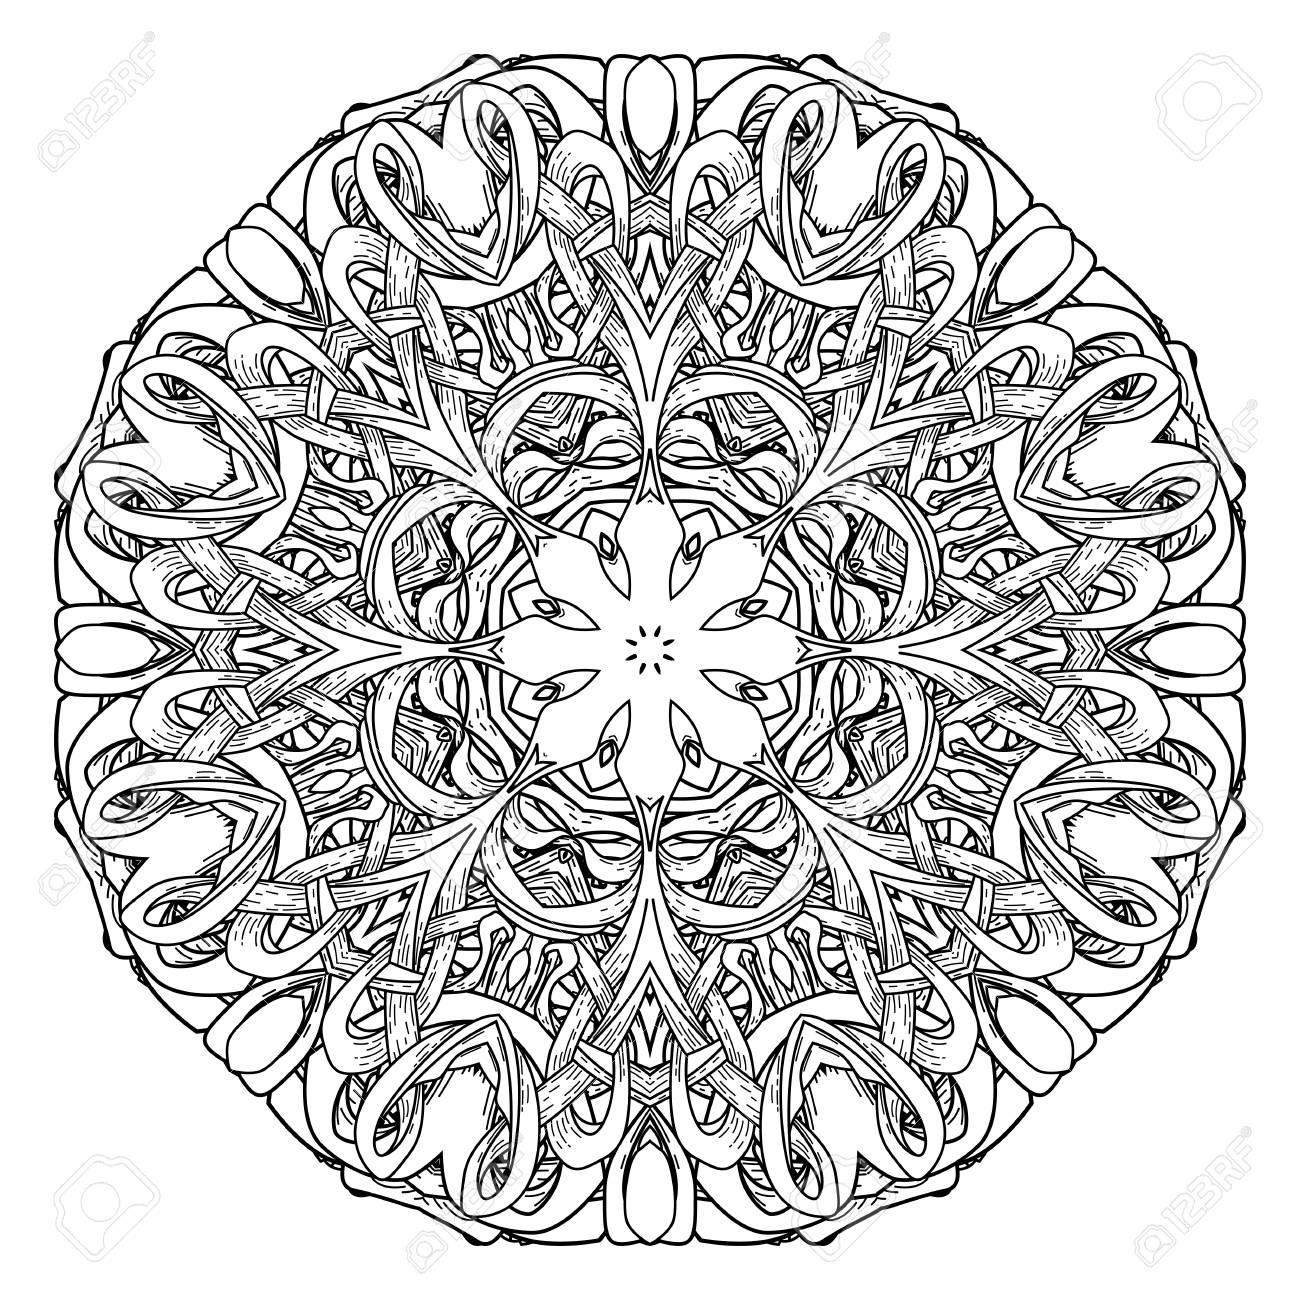 Mandala Con Intrincado Diseño Para Colorear Libro Ilustraciones ...